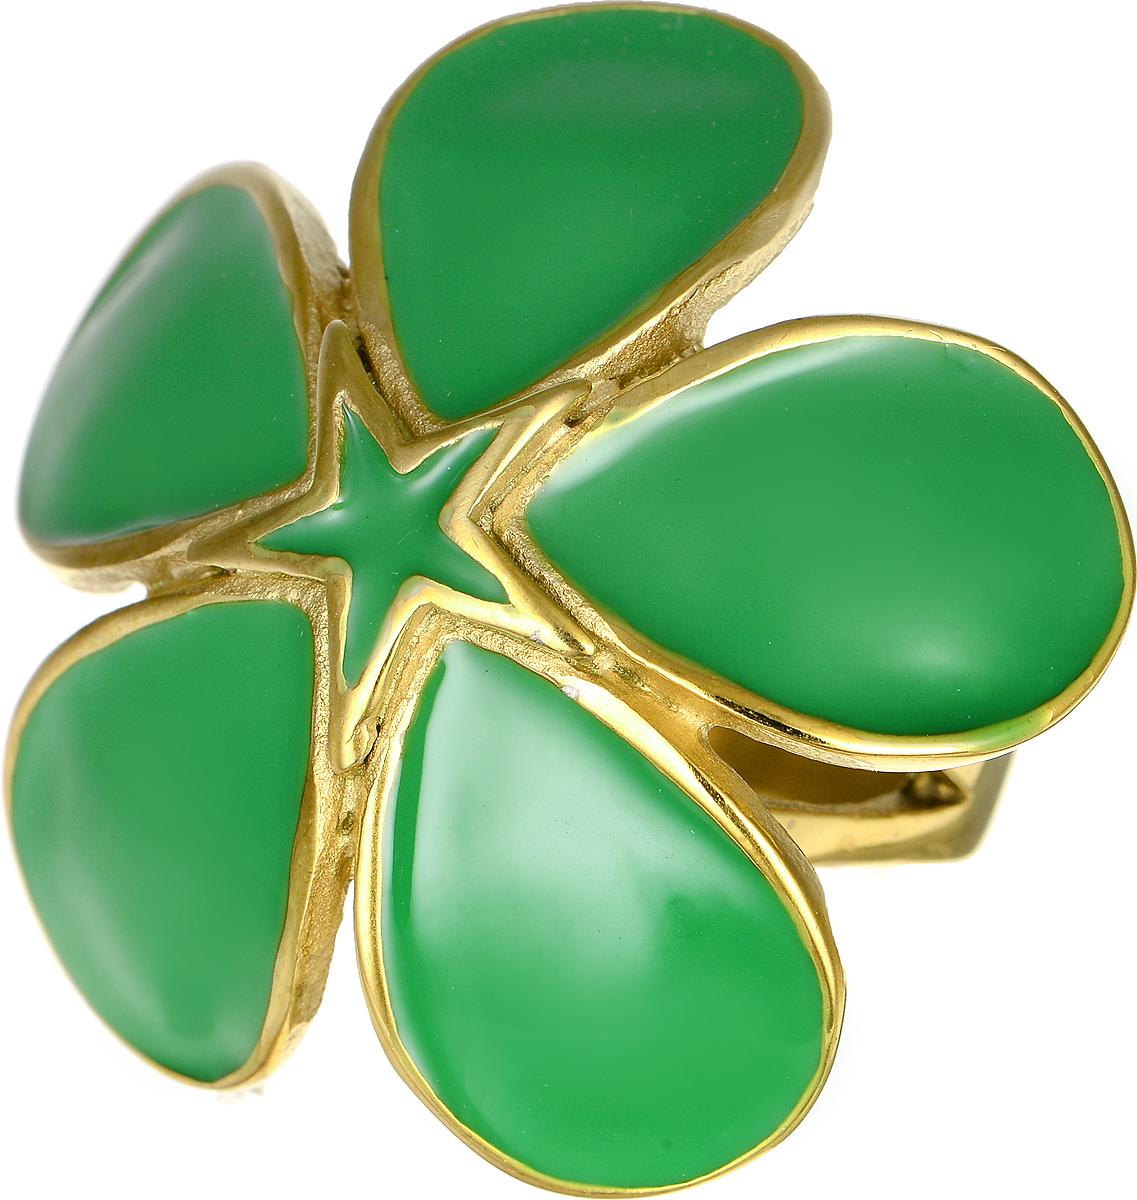 Кольцо Polina Selezneva, цвет: золотистый, зеленый. DG-0004. Размер 17Коктейльное кольцоСтильное кольцо Polina Selezneva изготовлено из качественного металлического сплава. Декоративная часть выполнена в виде цветка с покрытием из эмали.